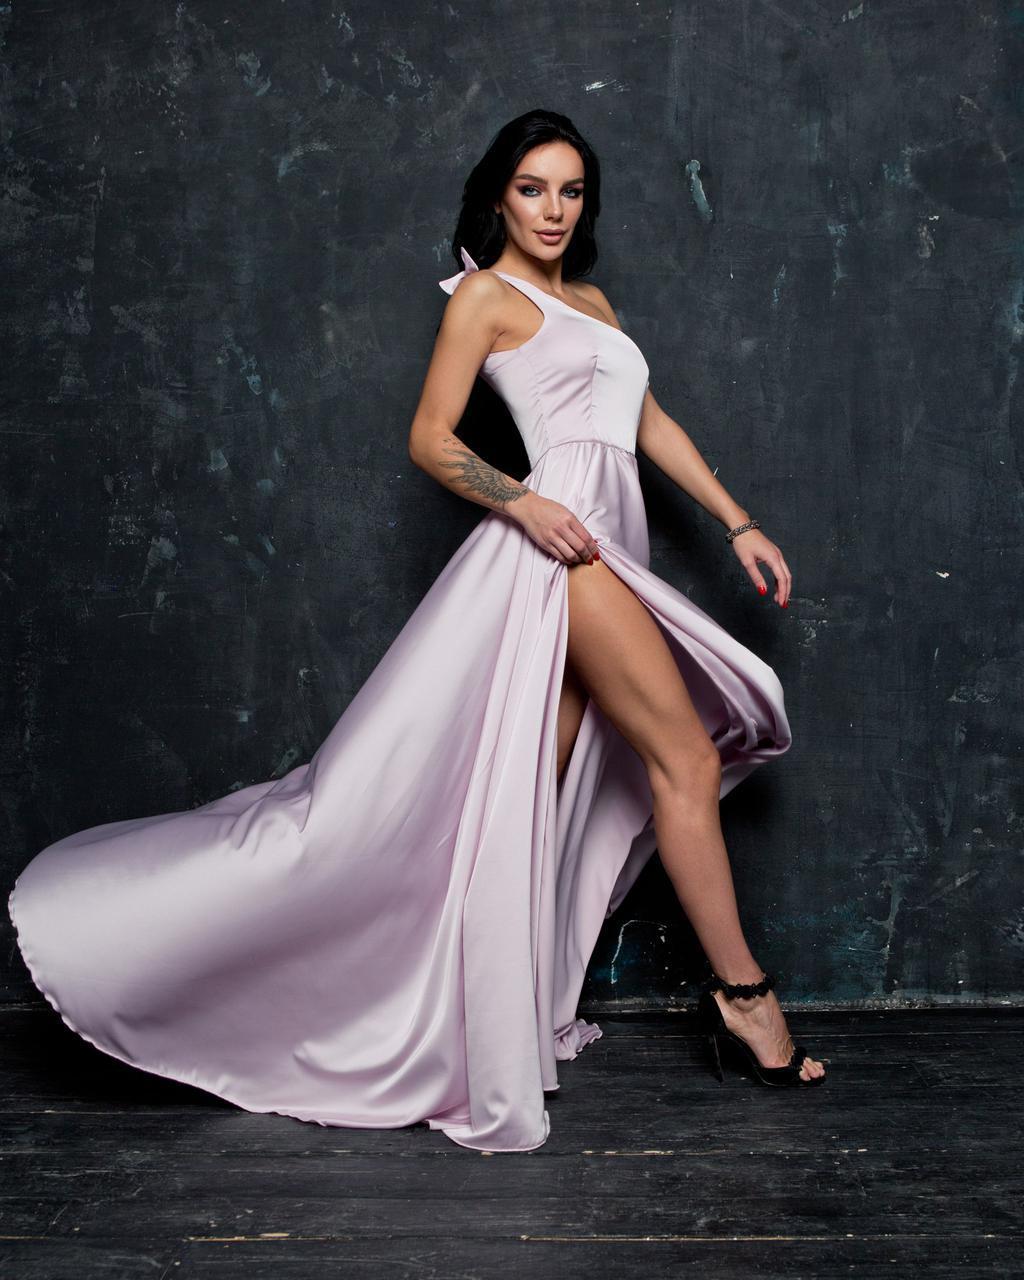 aeabe1a5daf Шелковое платье макси длиной с обной бретелей 14PL1307 - Интернет-магазин  Tvid в Харькове